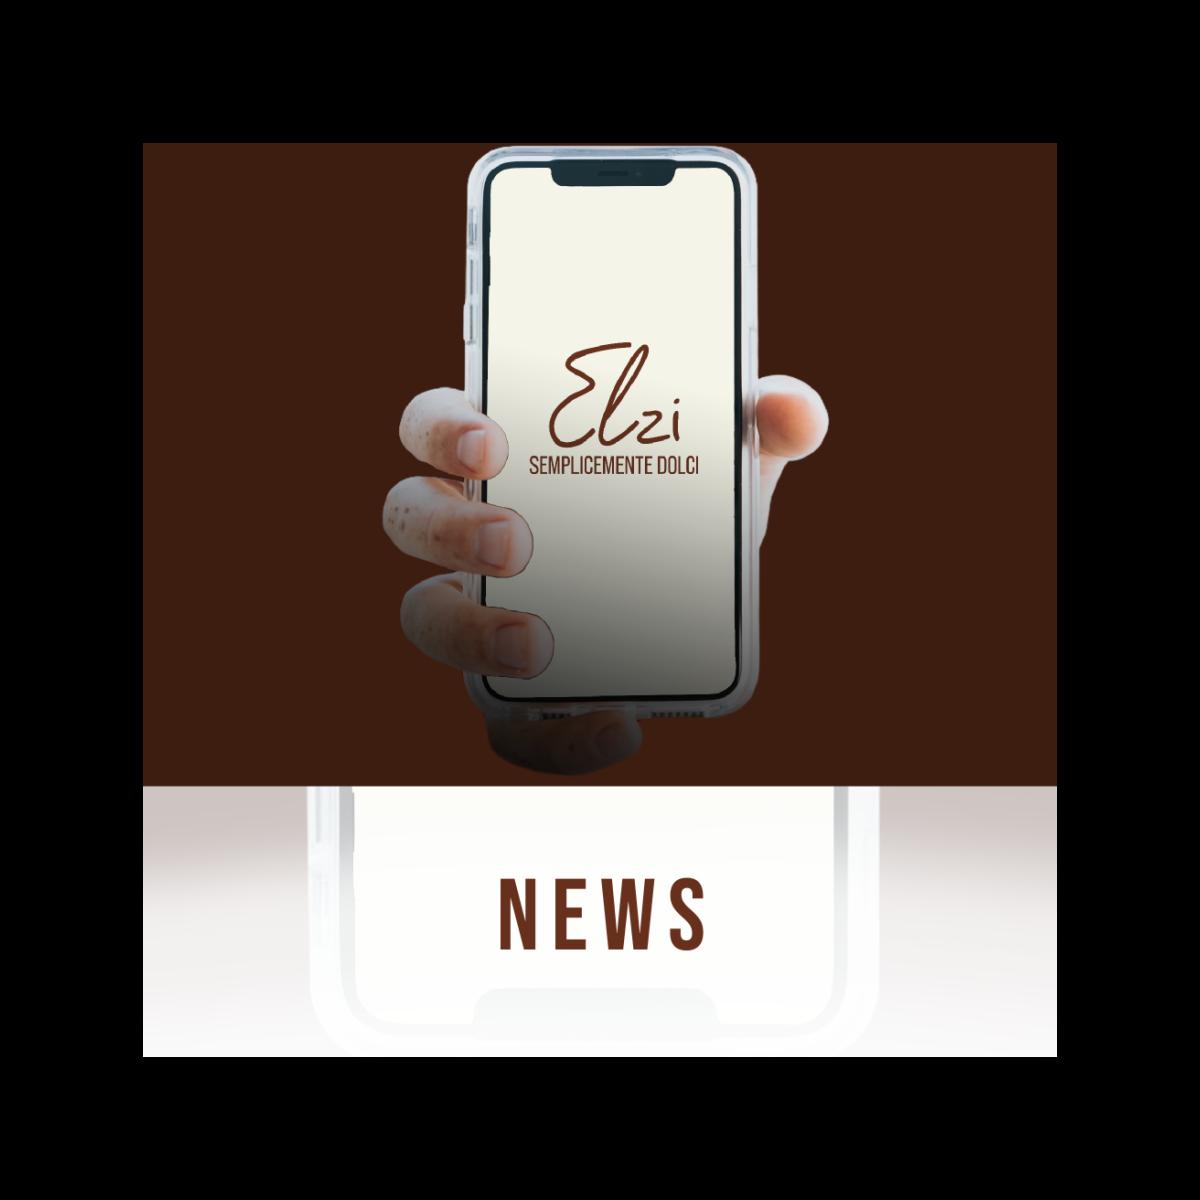 Elzi - News